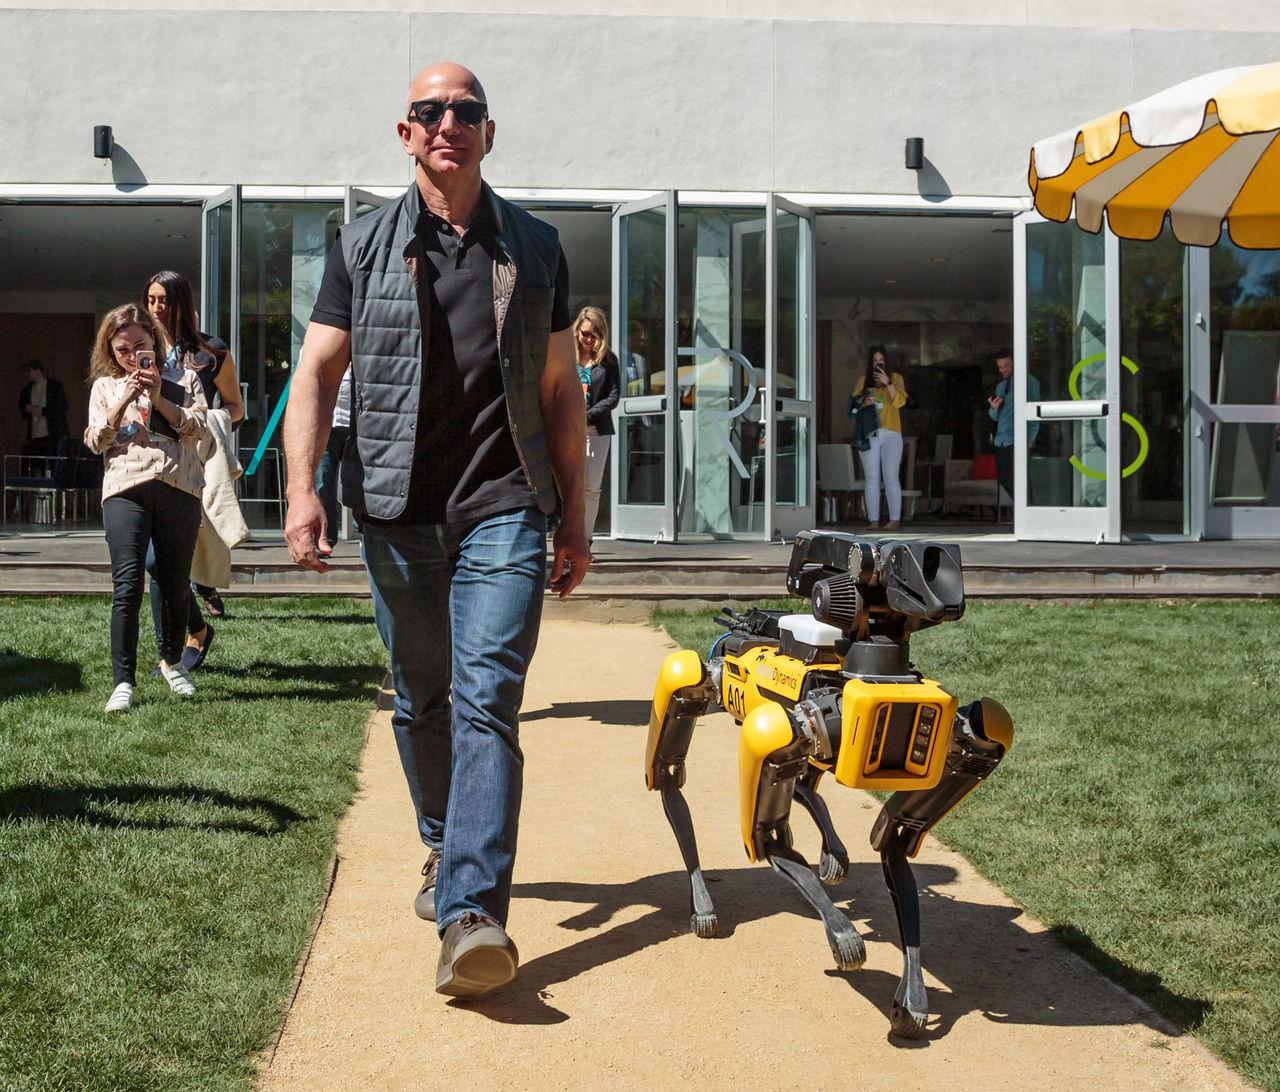 Amazon vill göra en robot som lär sig det den inte förstår